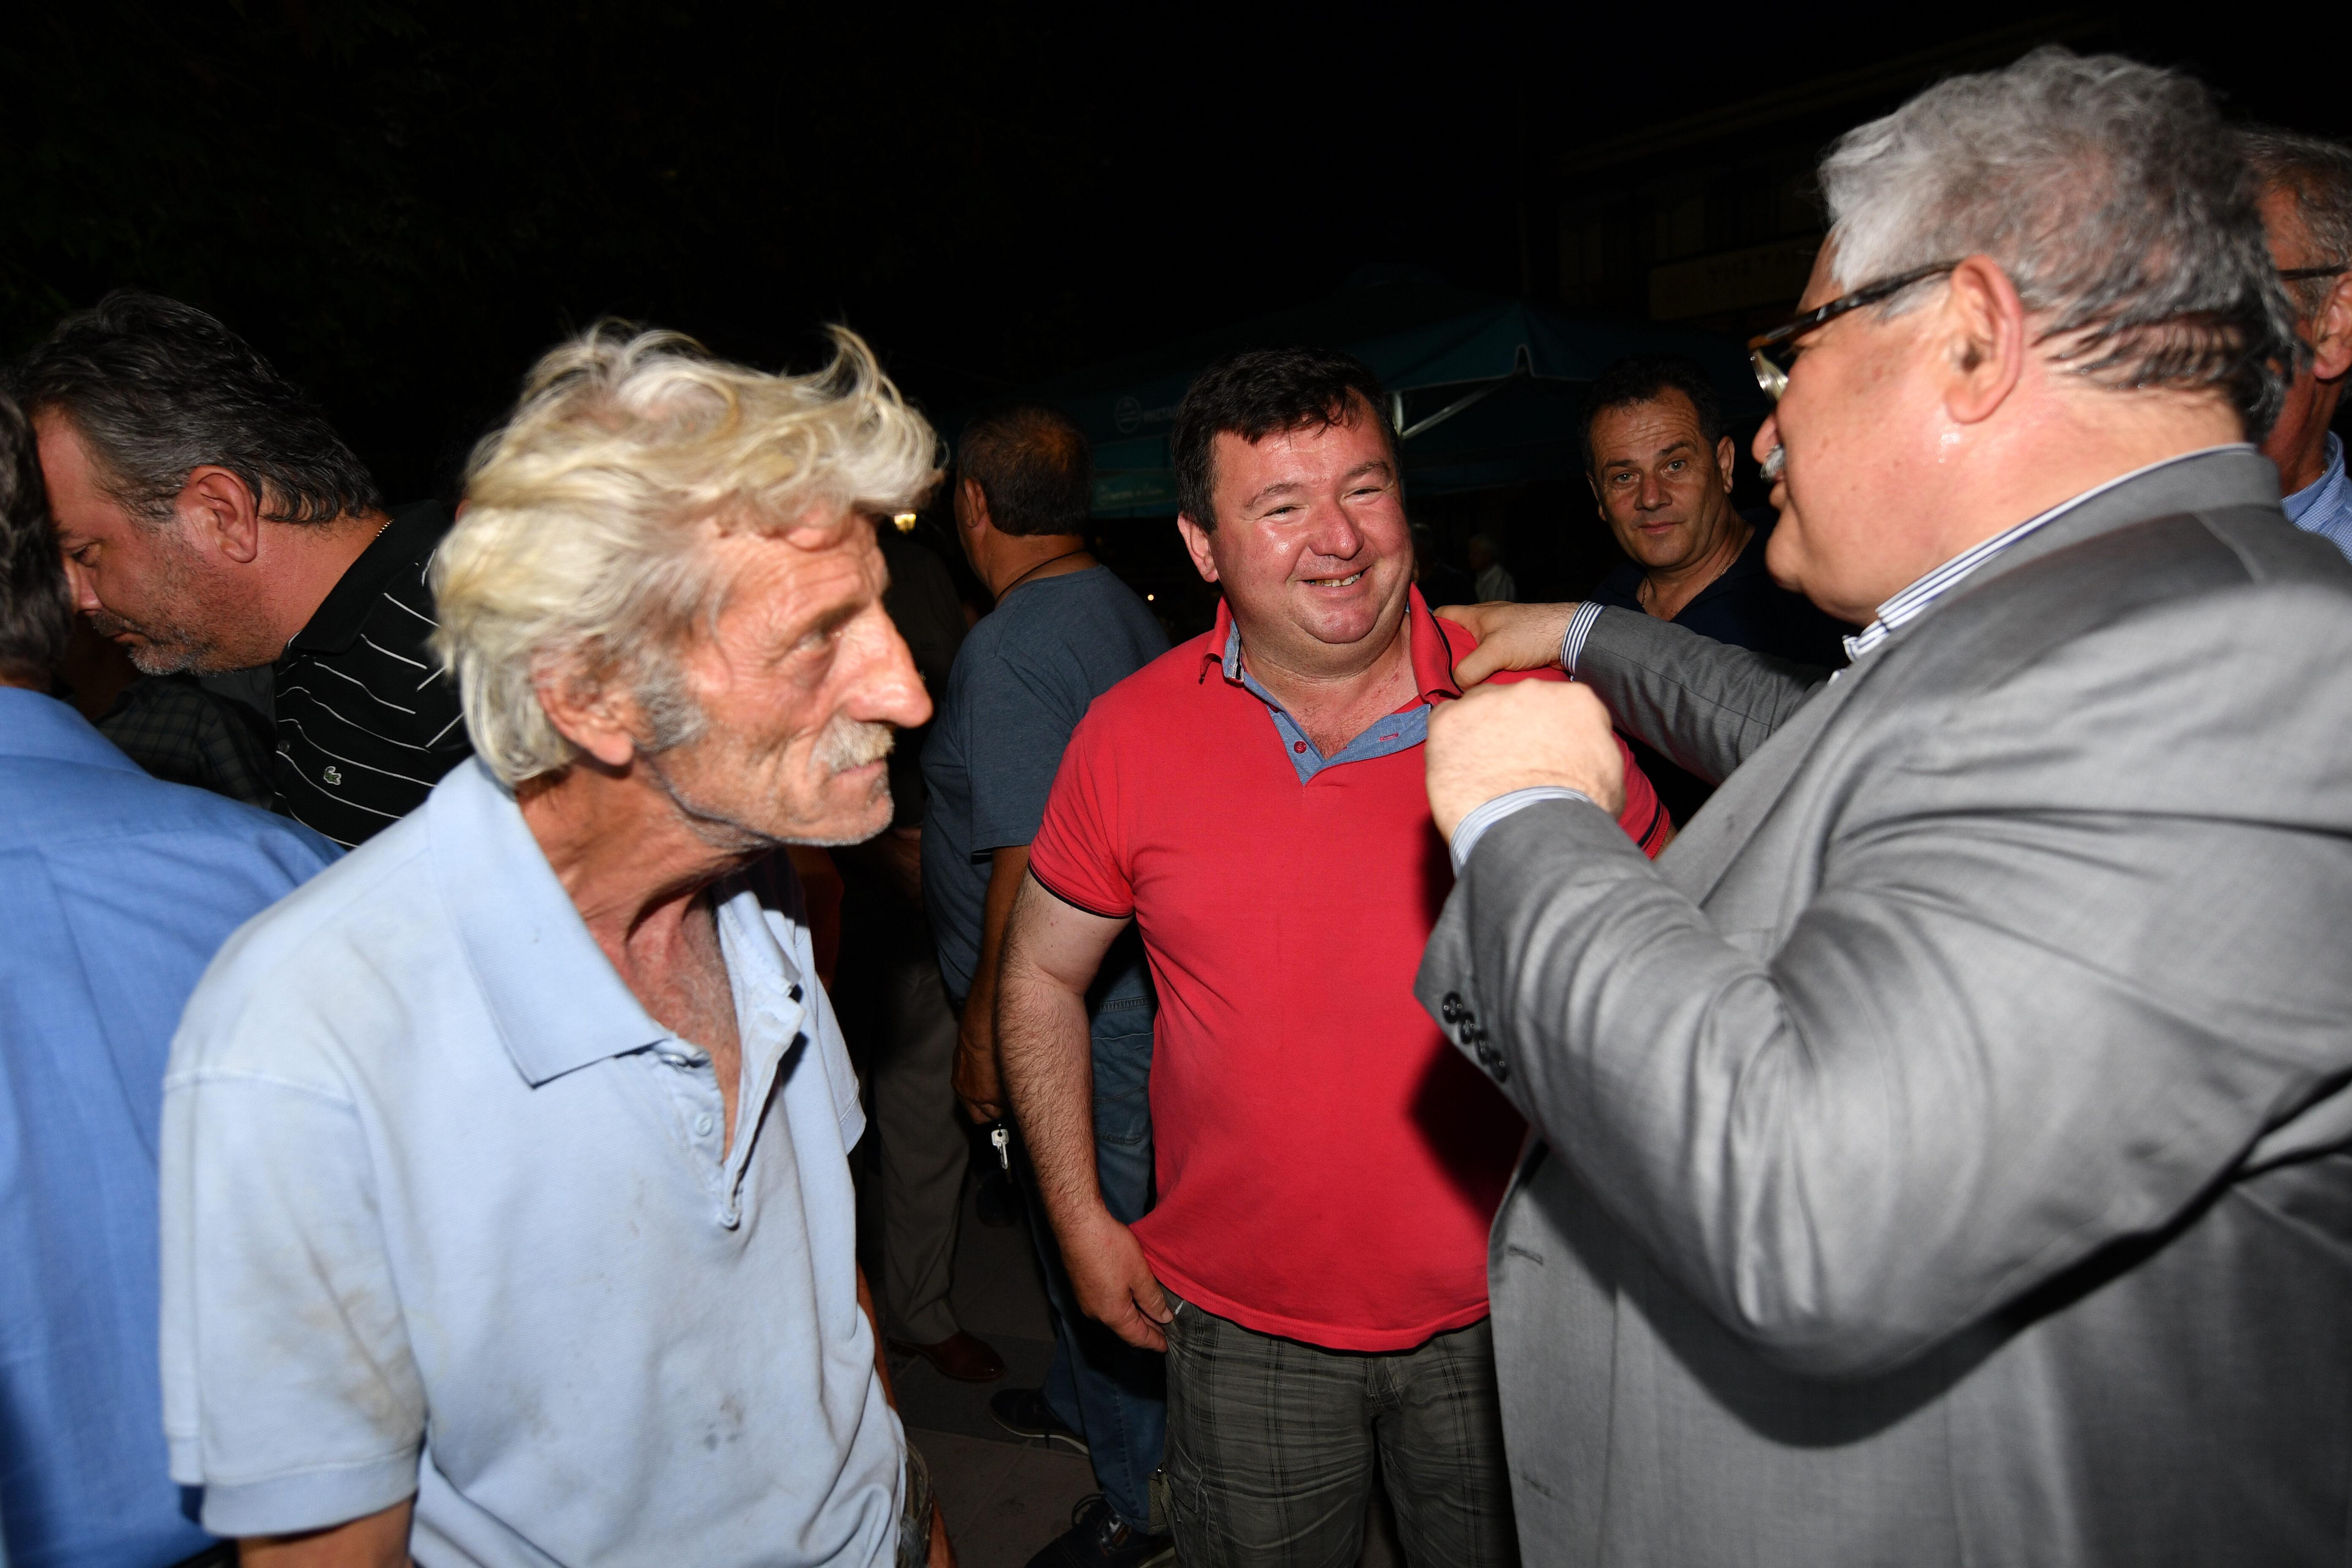 Καταχειροκροτήθηκε από πλήθος κόσμου ο βουλευτής Ηλείας και πρ. υπουργός Κώστας Τζαβάρας στην πλατεία Κρεστένων (photos)